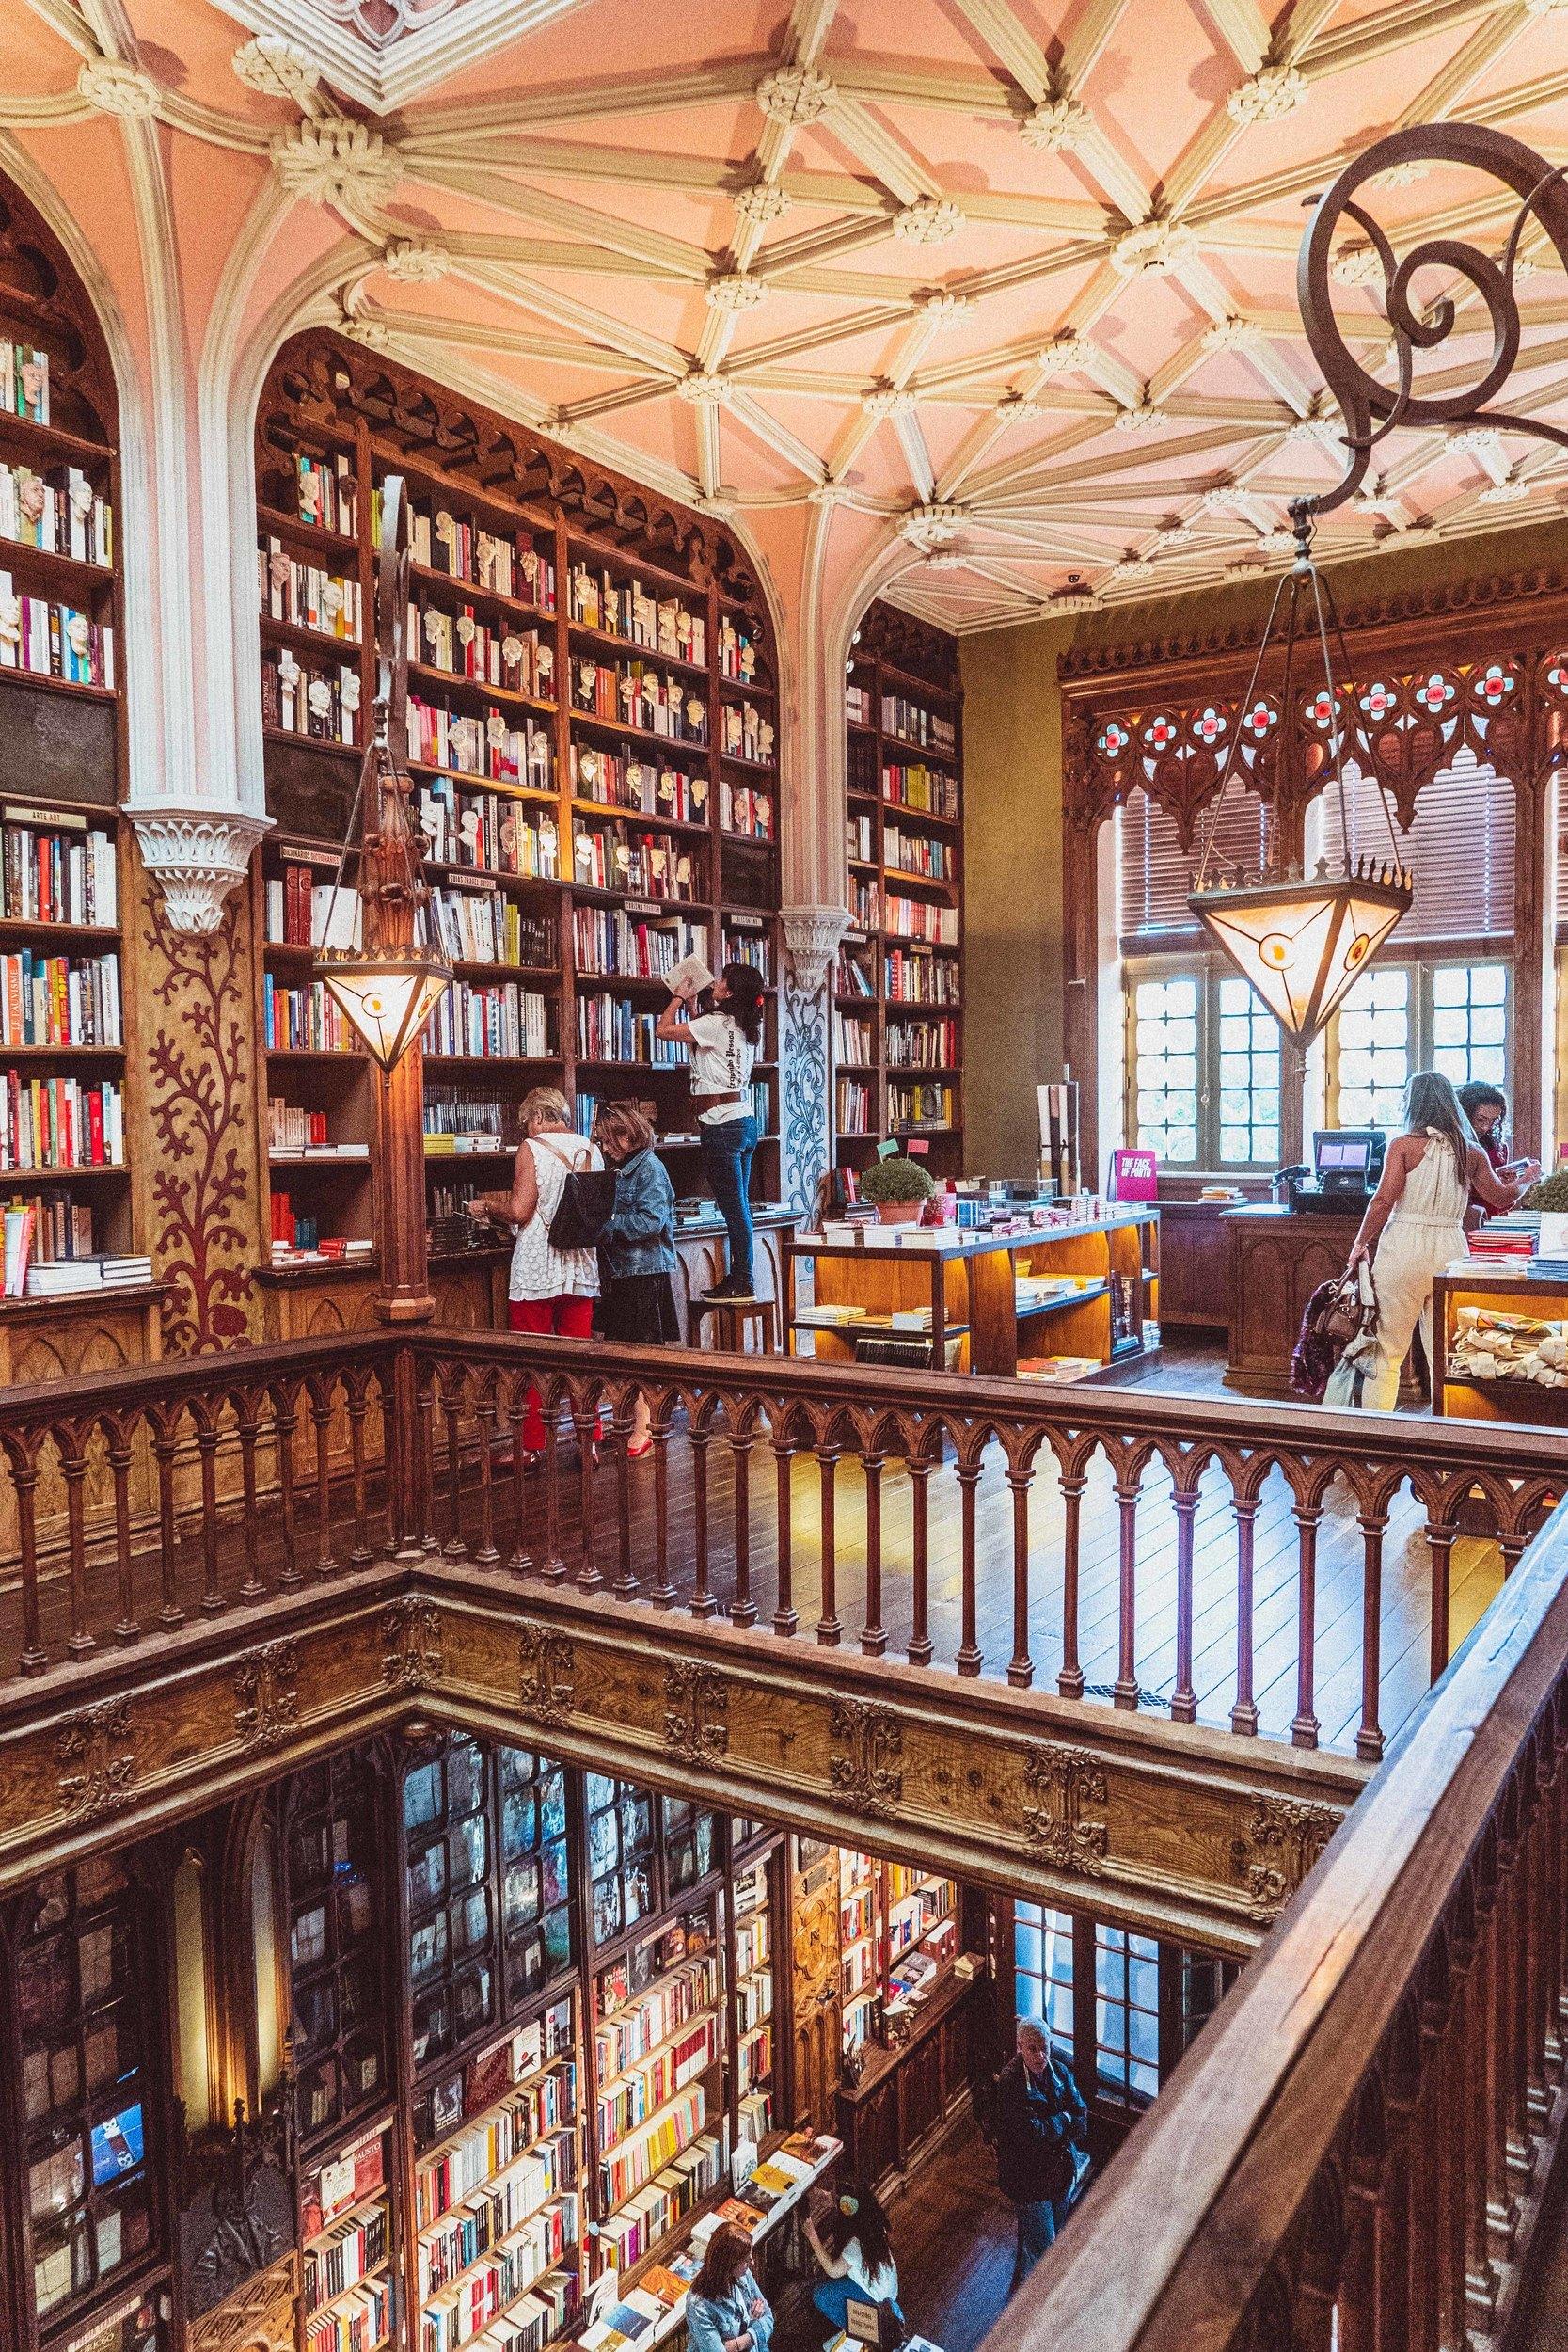 lello bookshop interior, porto, portugal